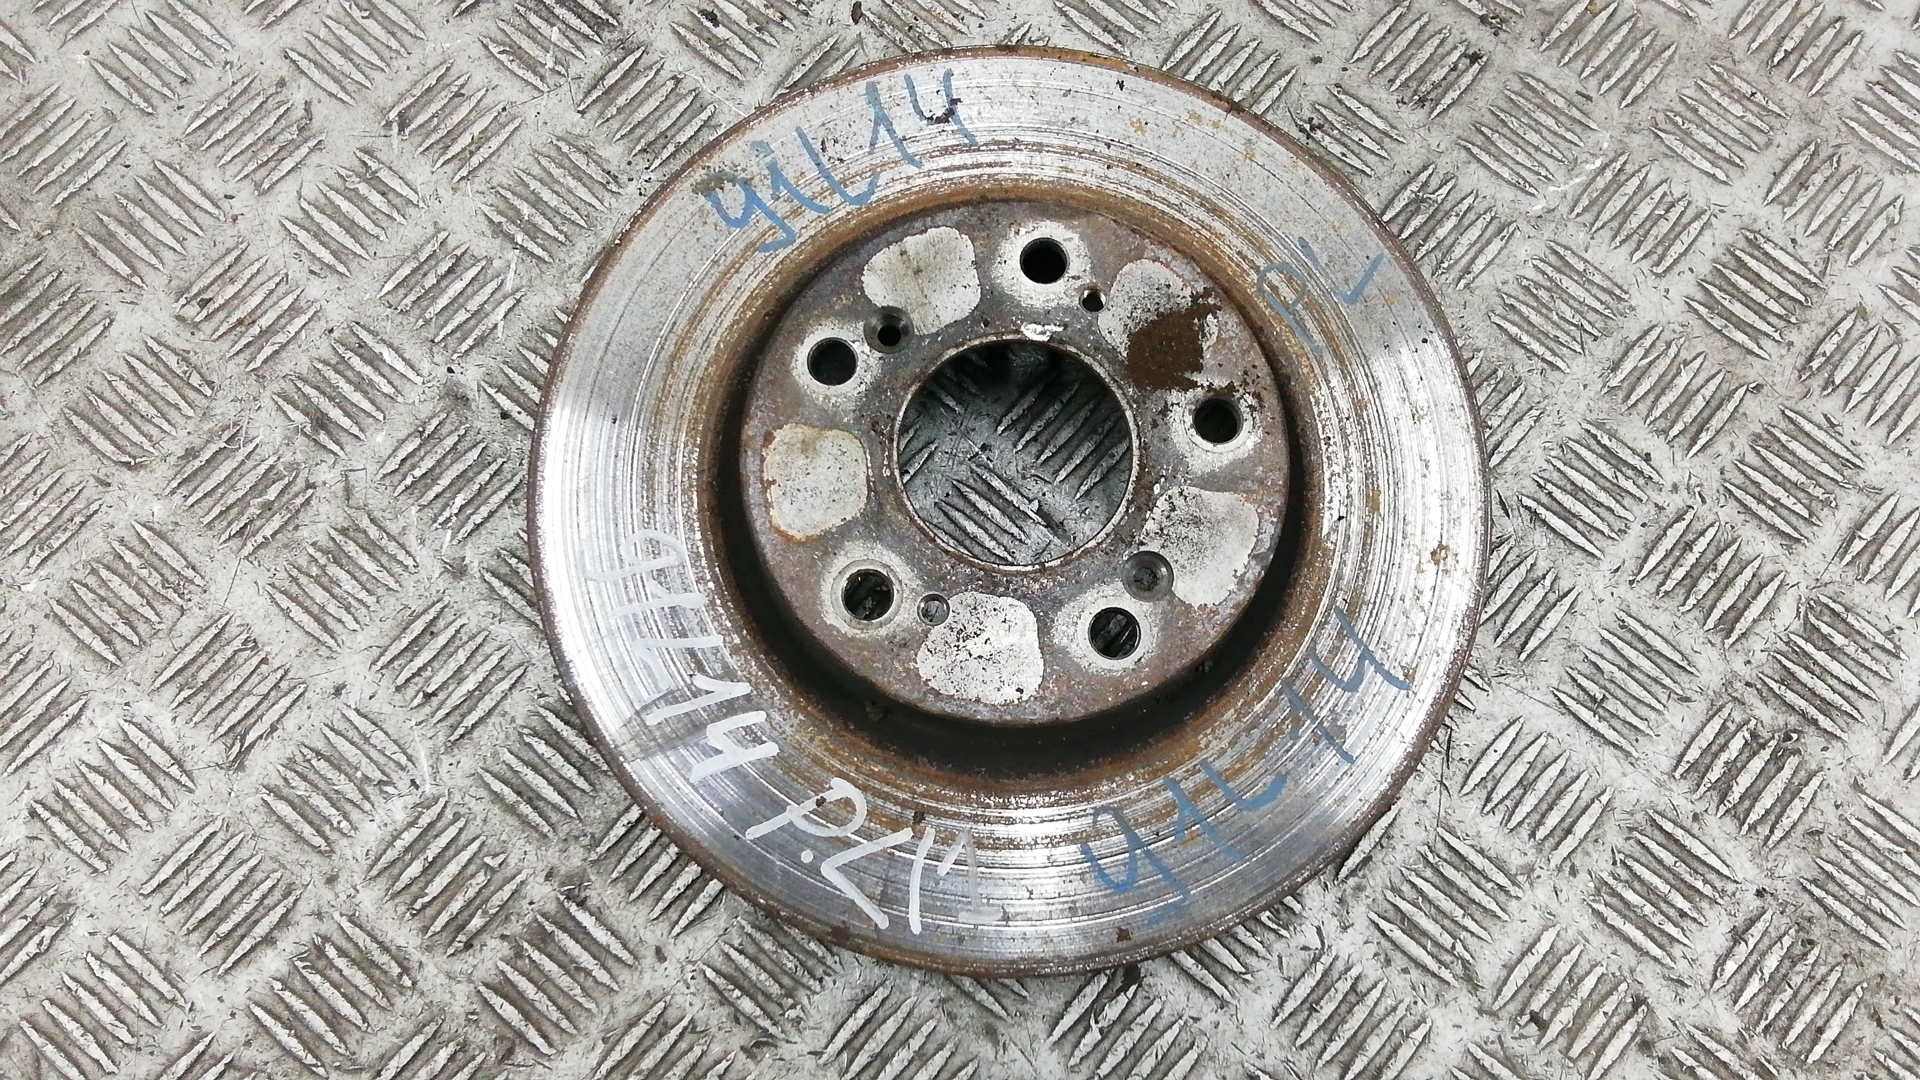 Диск тормозной передний, HONDA, CIVIC 8, 2006